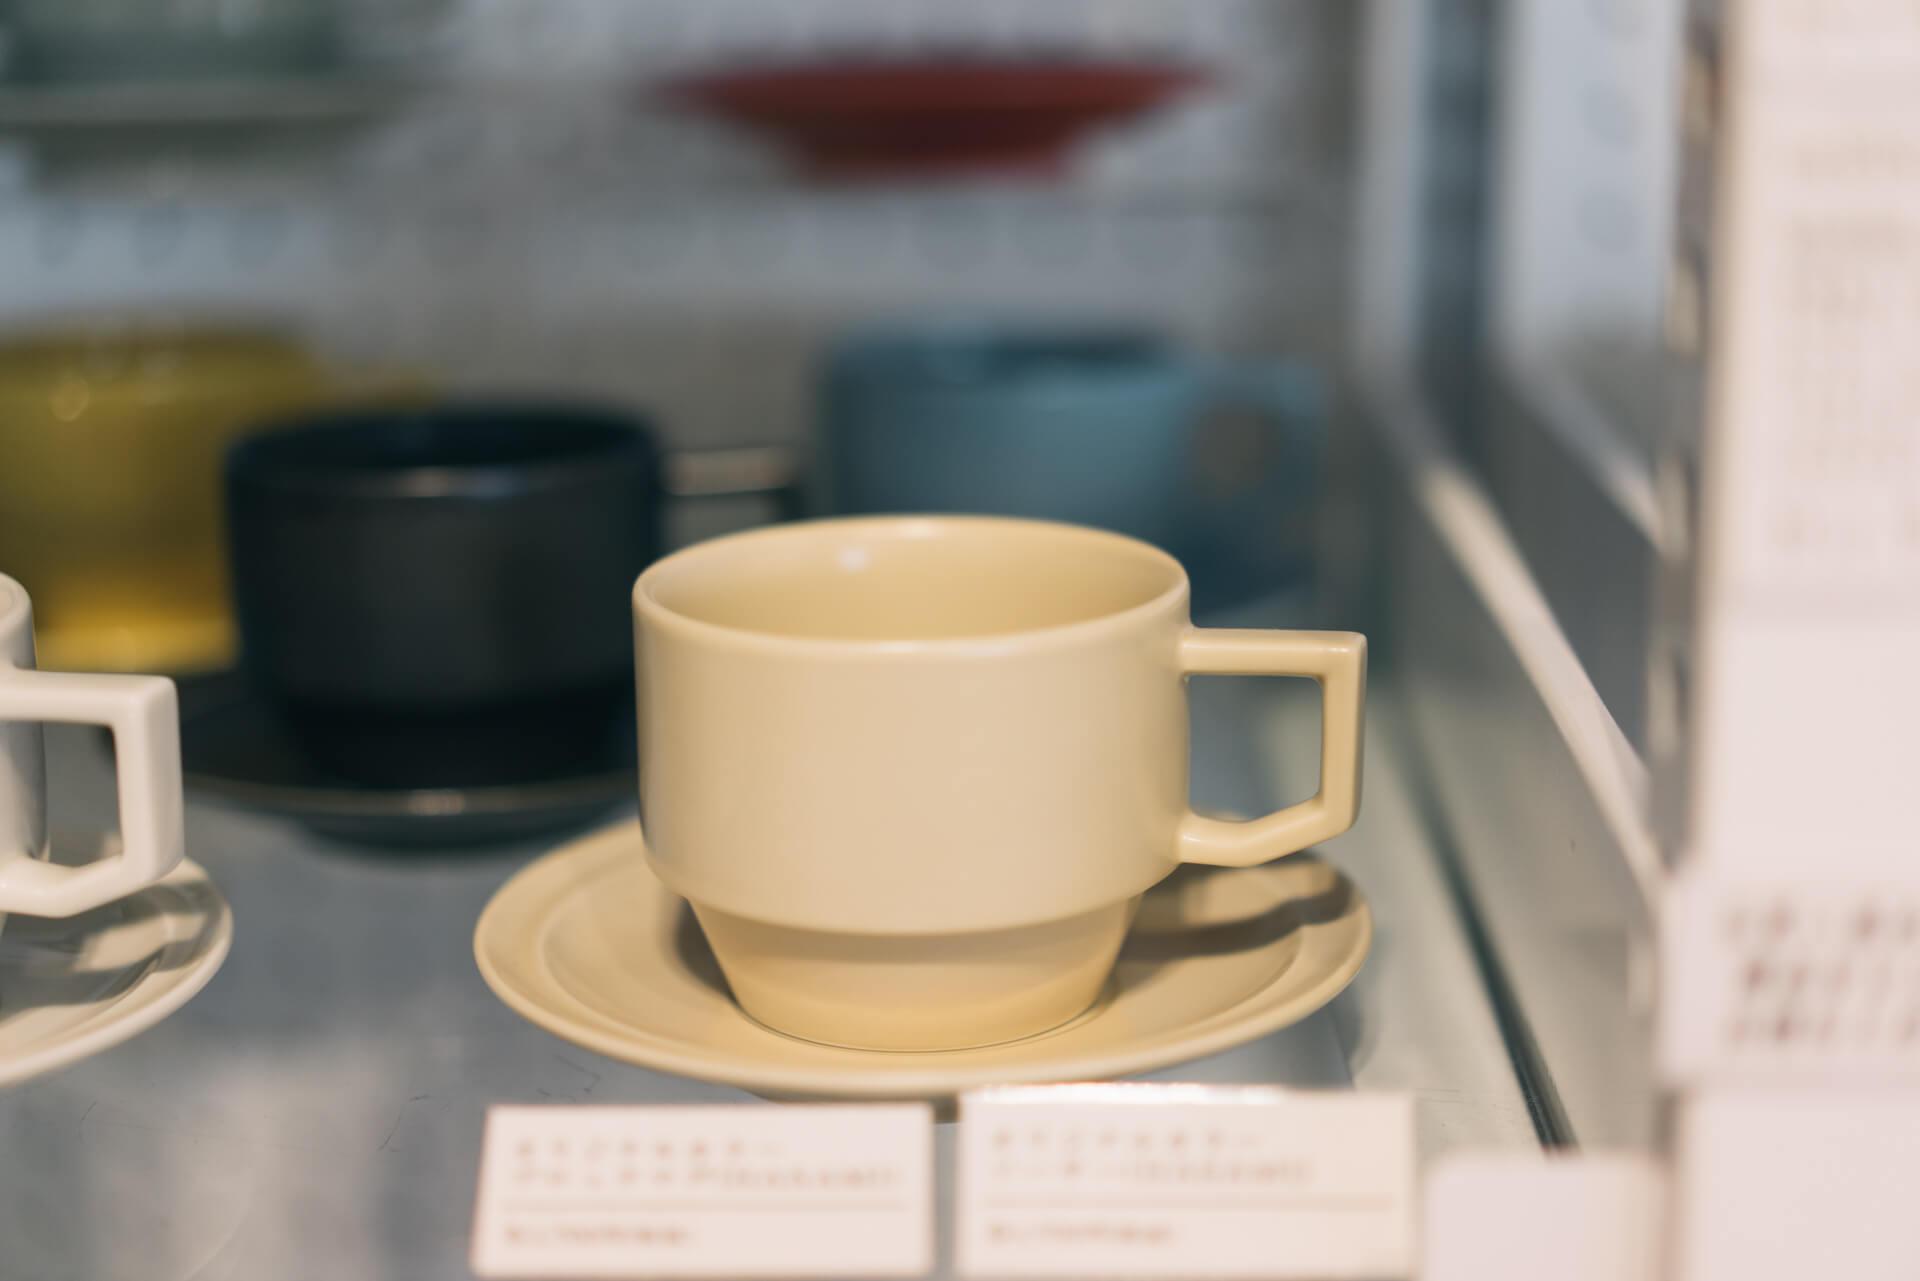 2012年にスタートした cotogoto は今年が5周年。こちらは5周年を記念してつくられた HASAMI×cotogoto のオリジナルカラーのカップ&ソーサー。